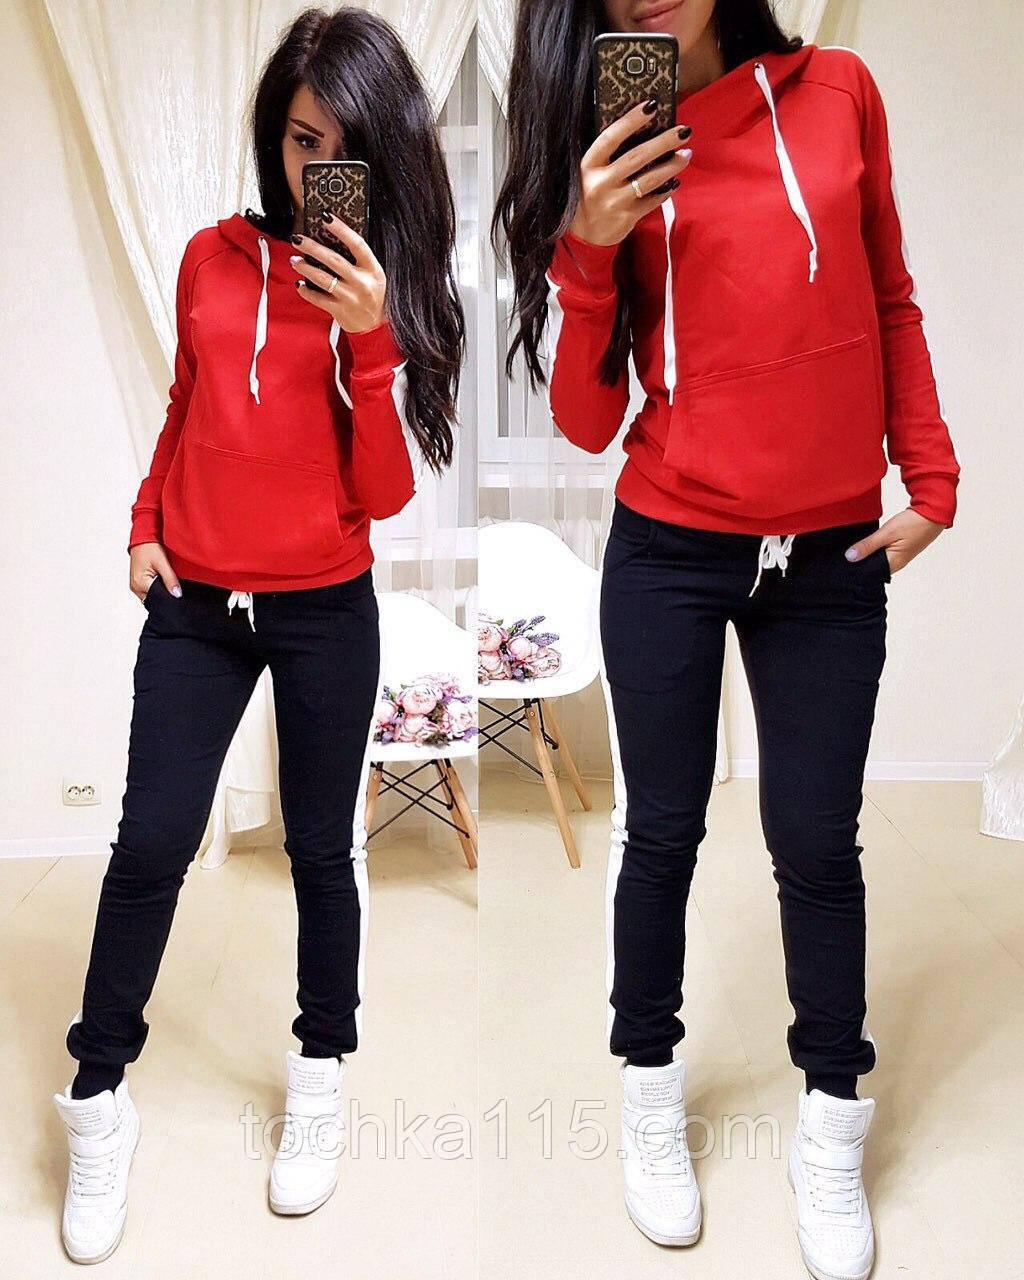 Стильный костюм, турецкая двухнитка, S/M/L/XL/XXL, цвет красный-черный